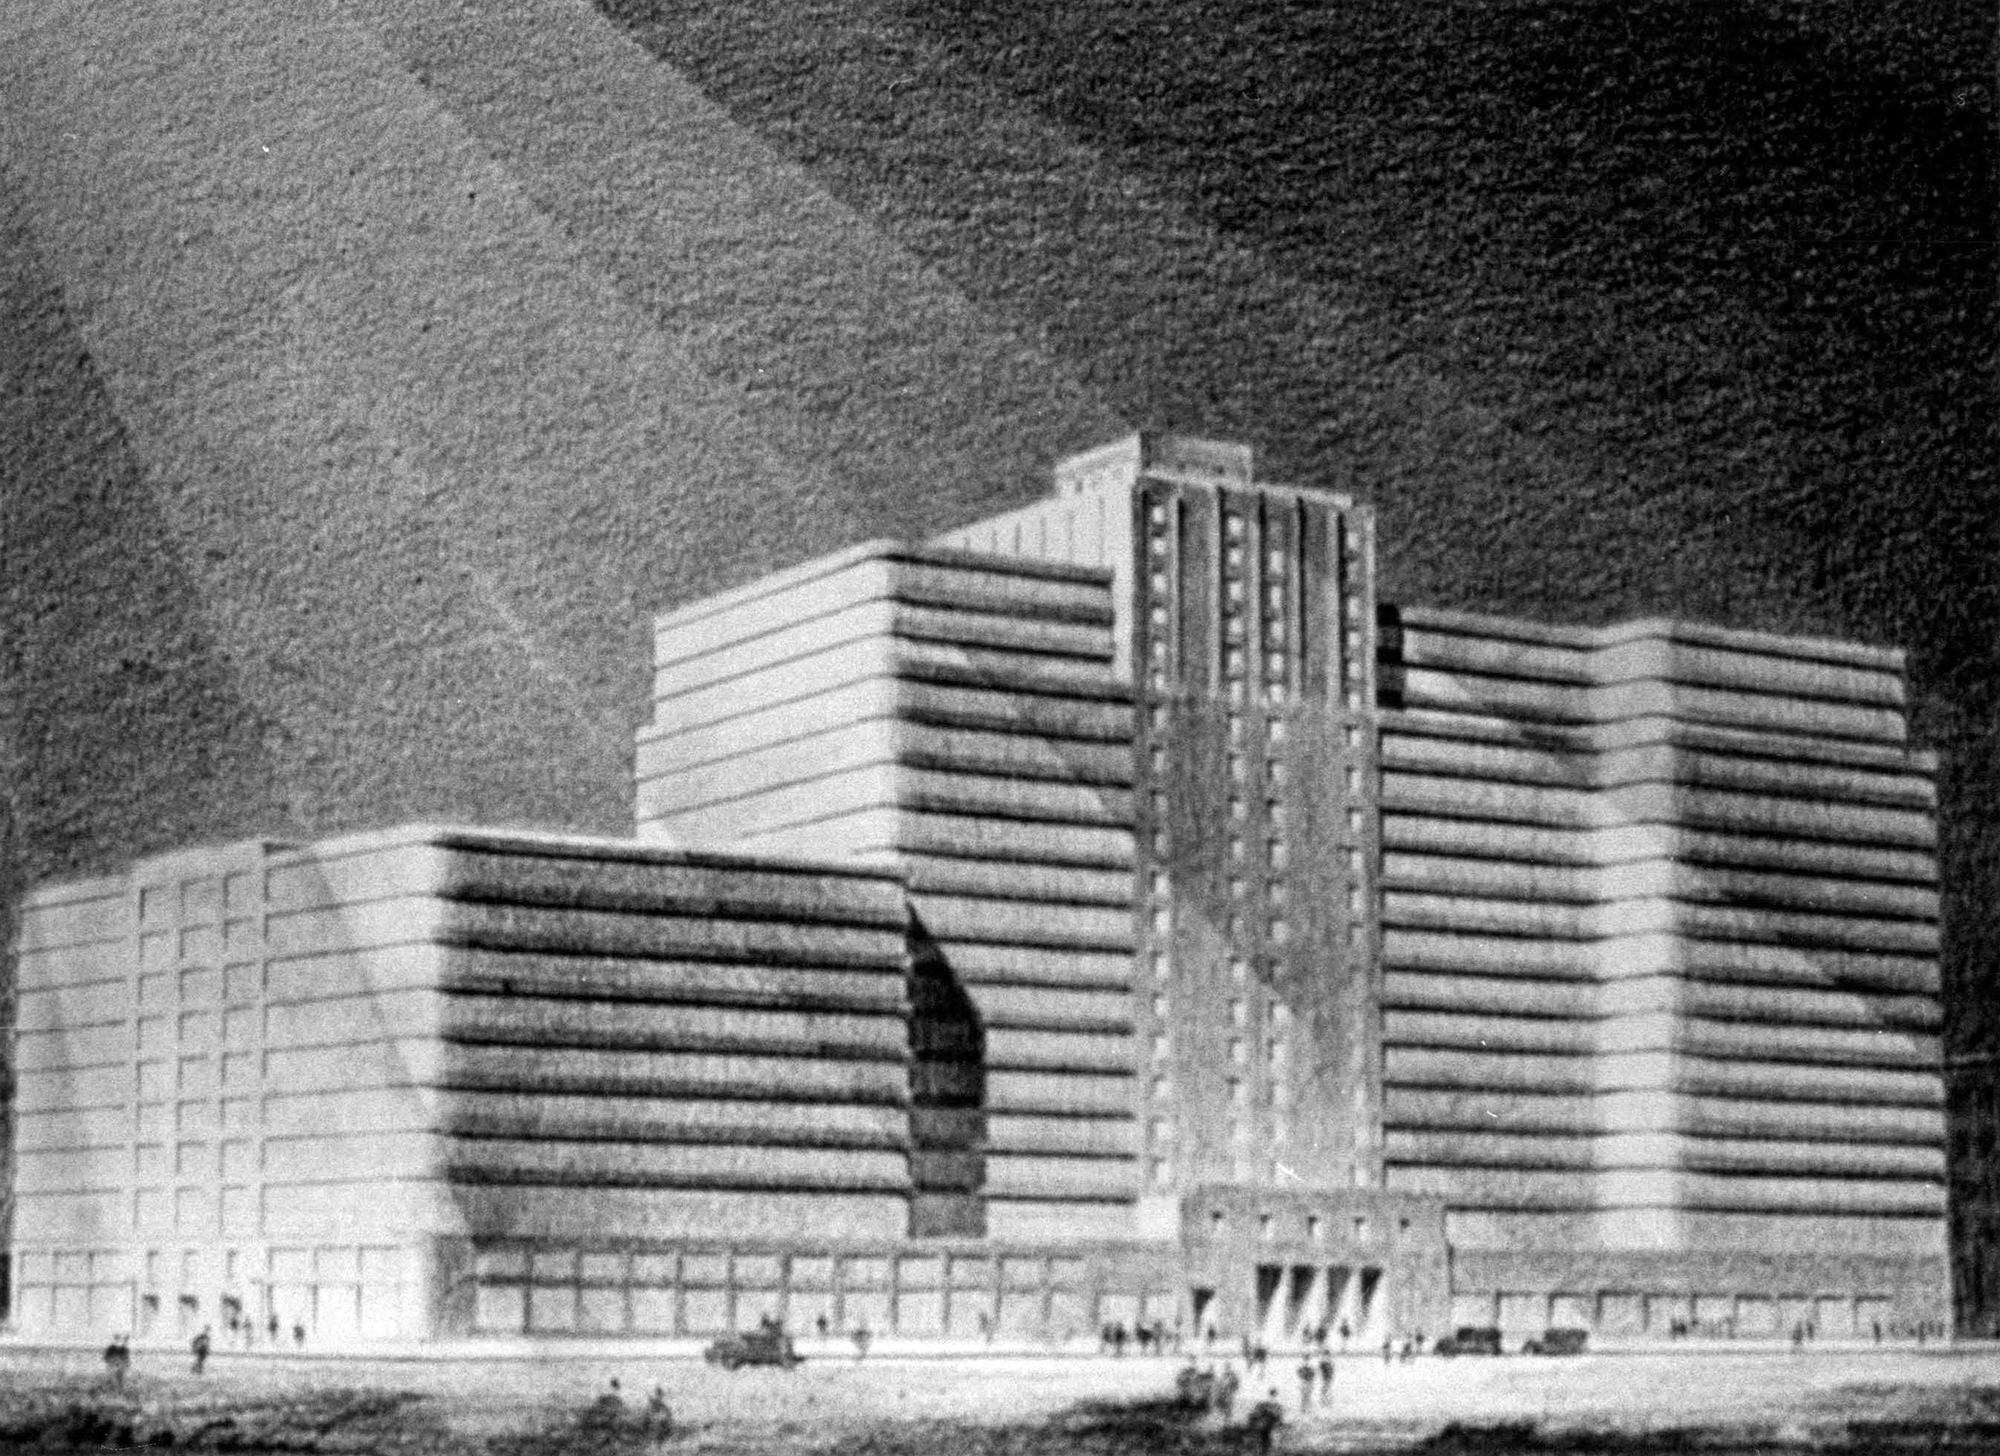 Starrett-Lehigh Building